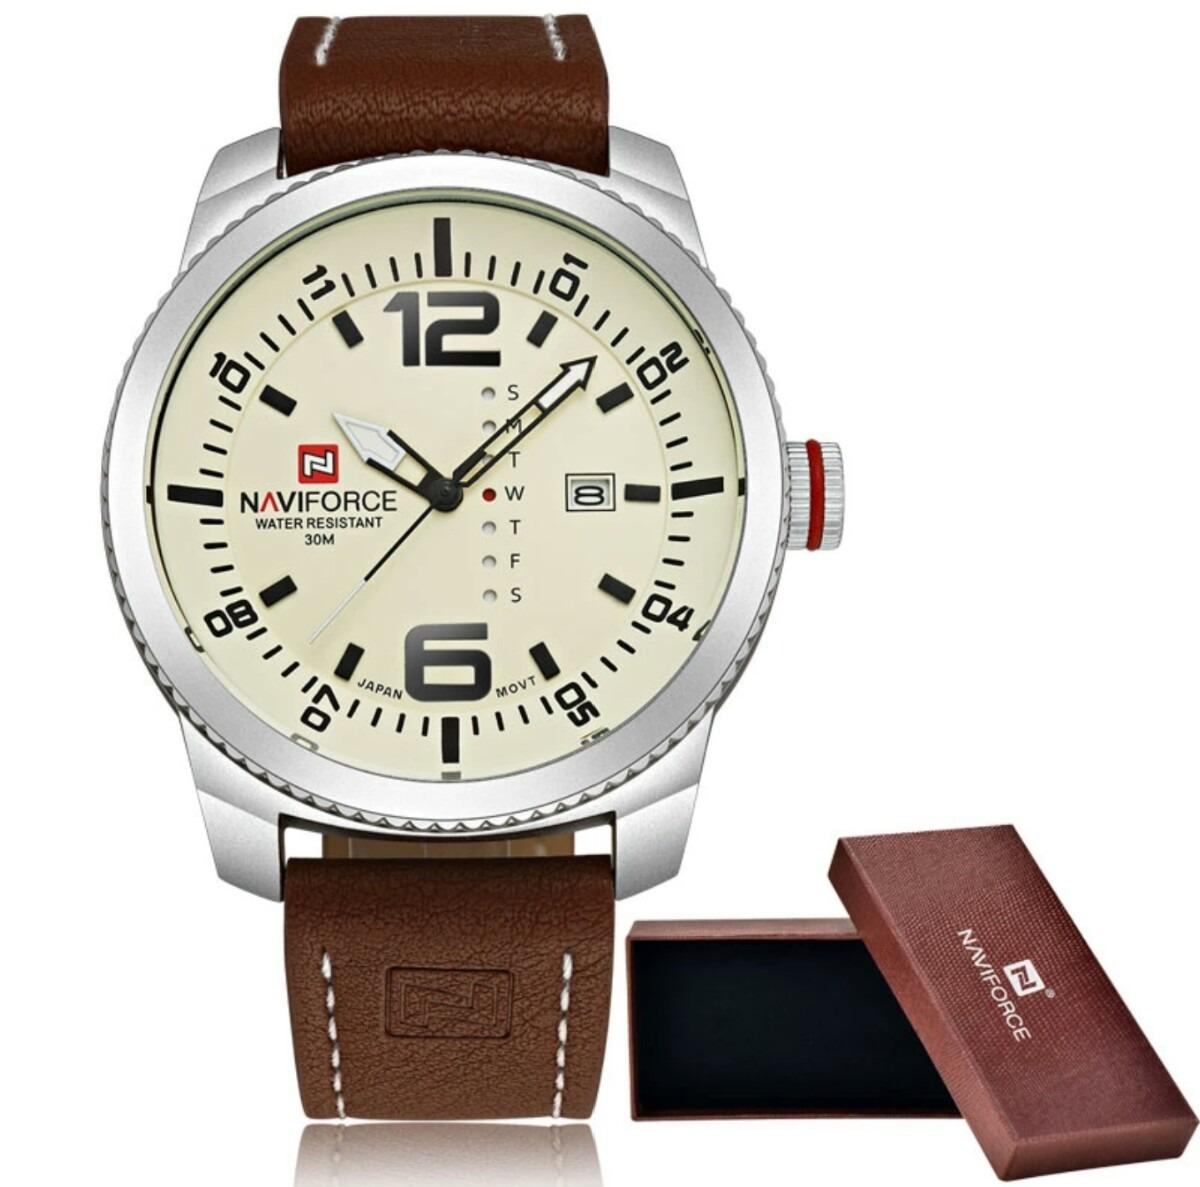 c78380b1bb1 relógio pulseira couro marrom original naviforce analógico. Carregando zoom.